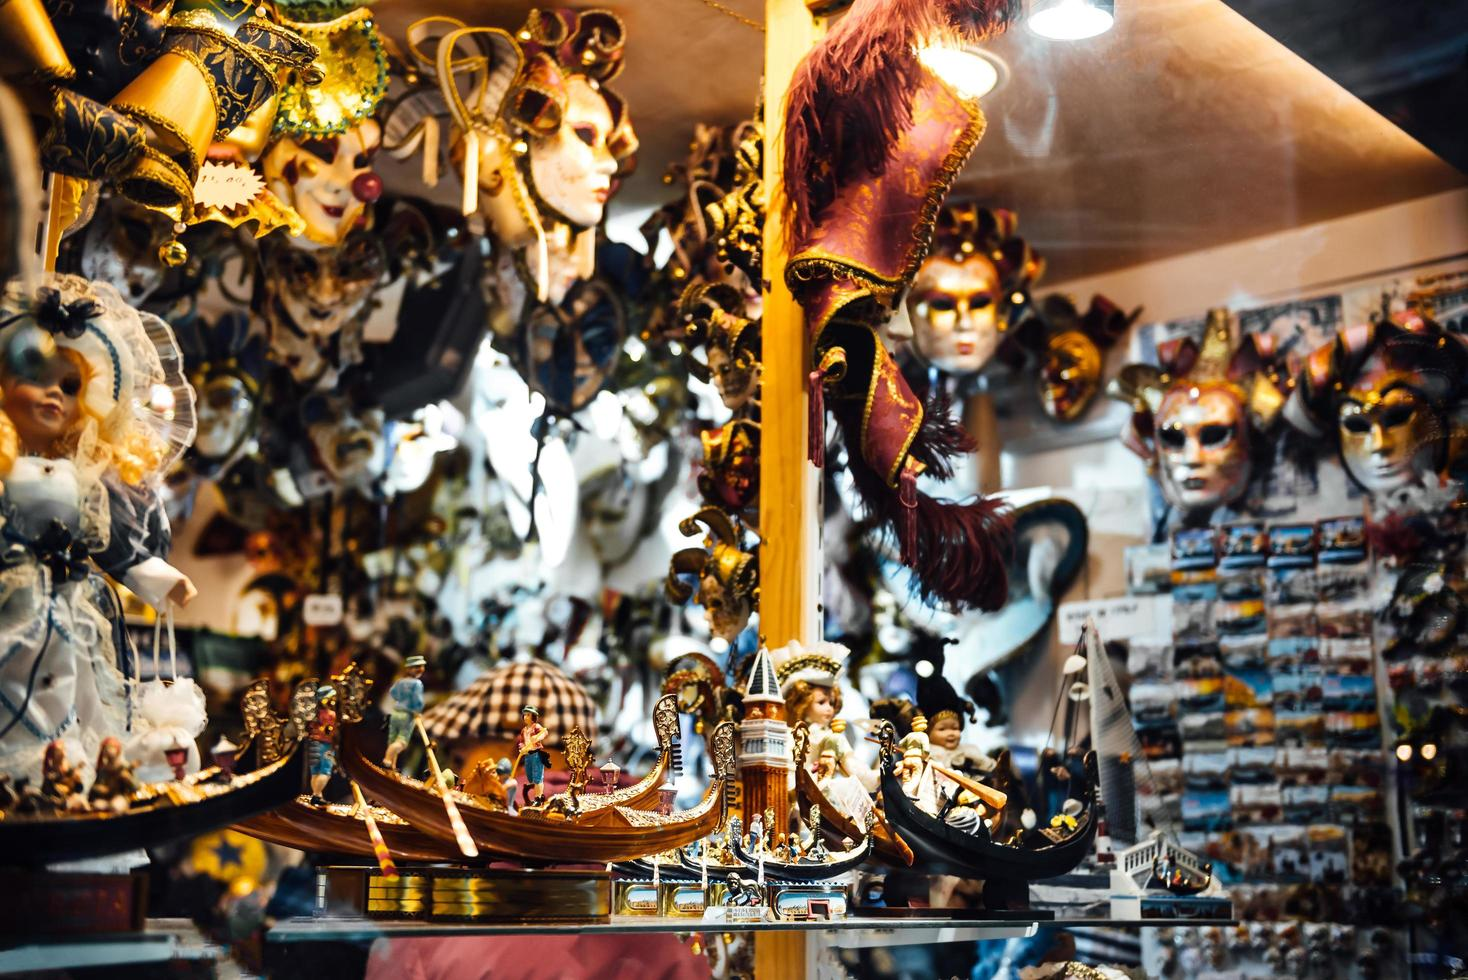 Venetië, Italië 2017 - Venetiaanse etalage met maskers foto